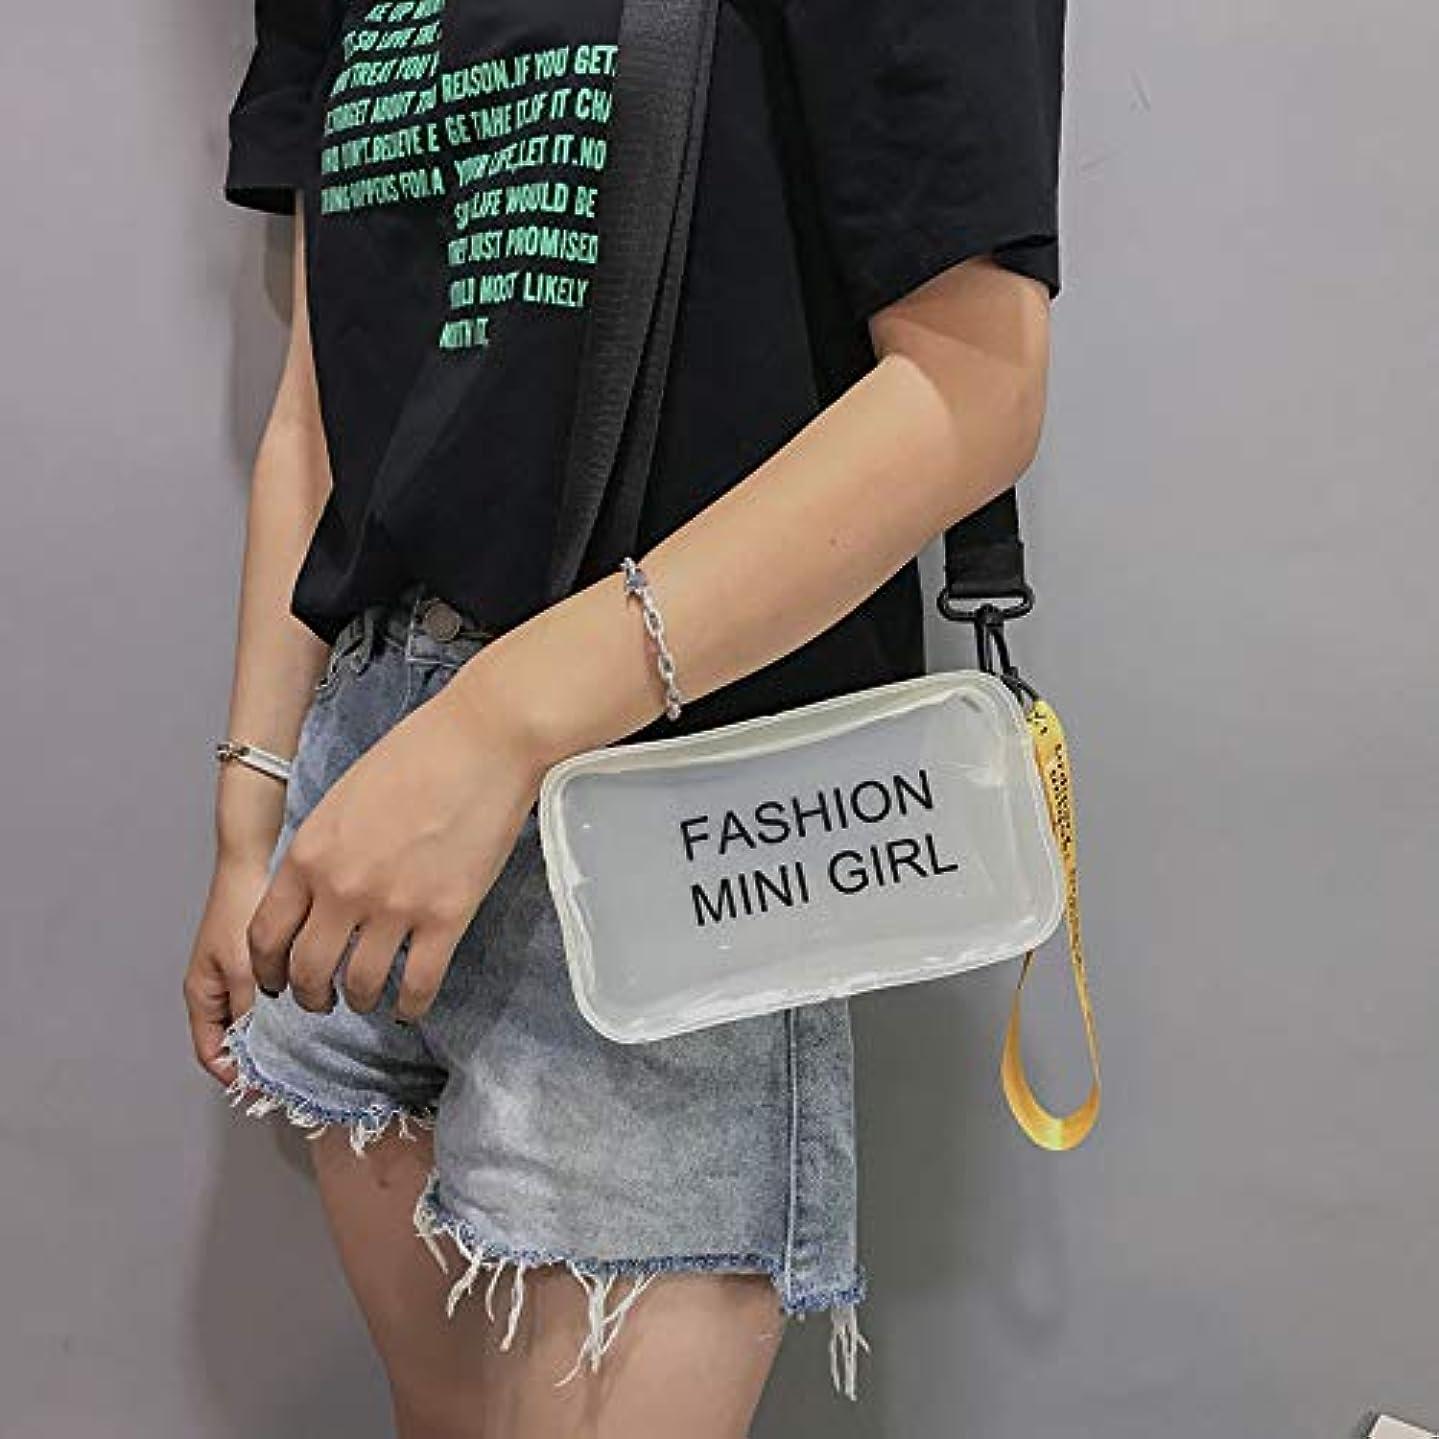 偏見ビットシングル女性ファッションゼリー手紙ストリートシンプルデザインショルダーバッグメッセンジャーバッグ、ゼリー手紙メッセンジャーバッグハンドバッグ携帯電話バッグ、ファッション汎用メッセンジャーバッグショルダーバッグハンドバッグ (白)